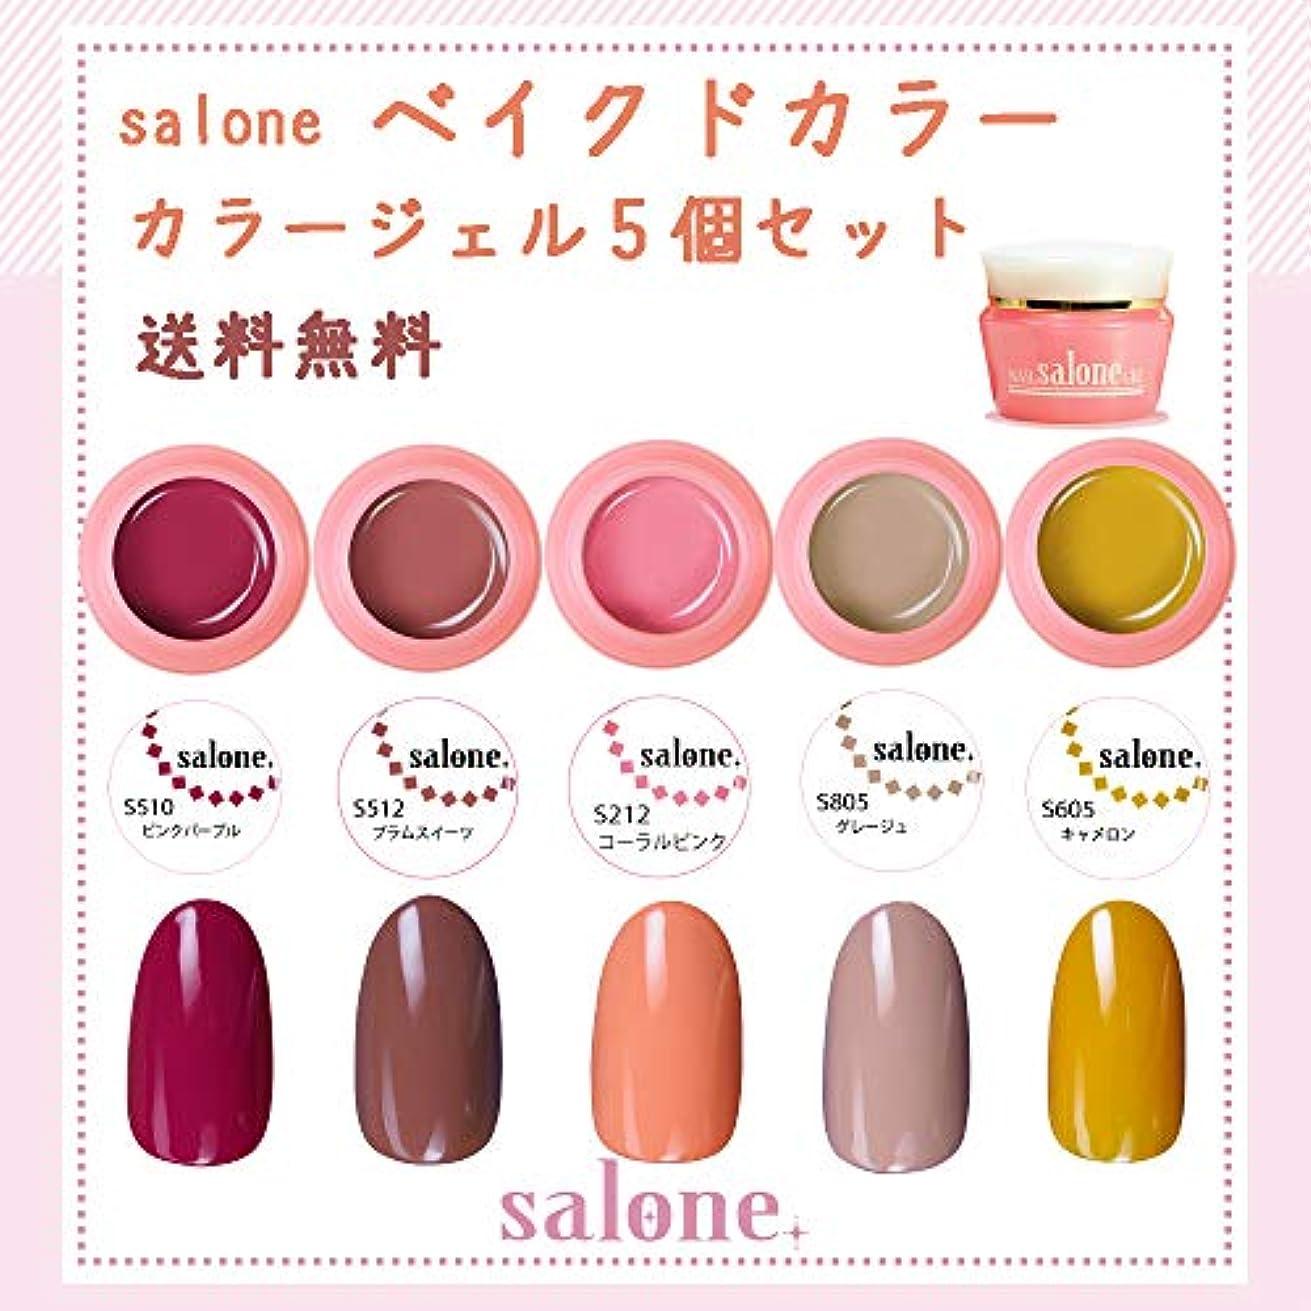 明らか費用圧力【送料無料 日本製】Salone ベイクドカラージェル5個セット 大人っぽく暖かく大人可愛いトレンドカラー